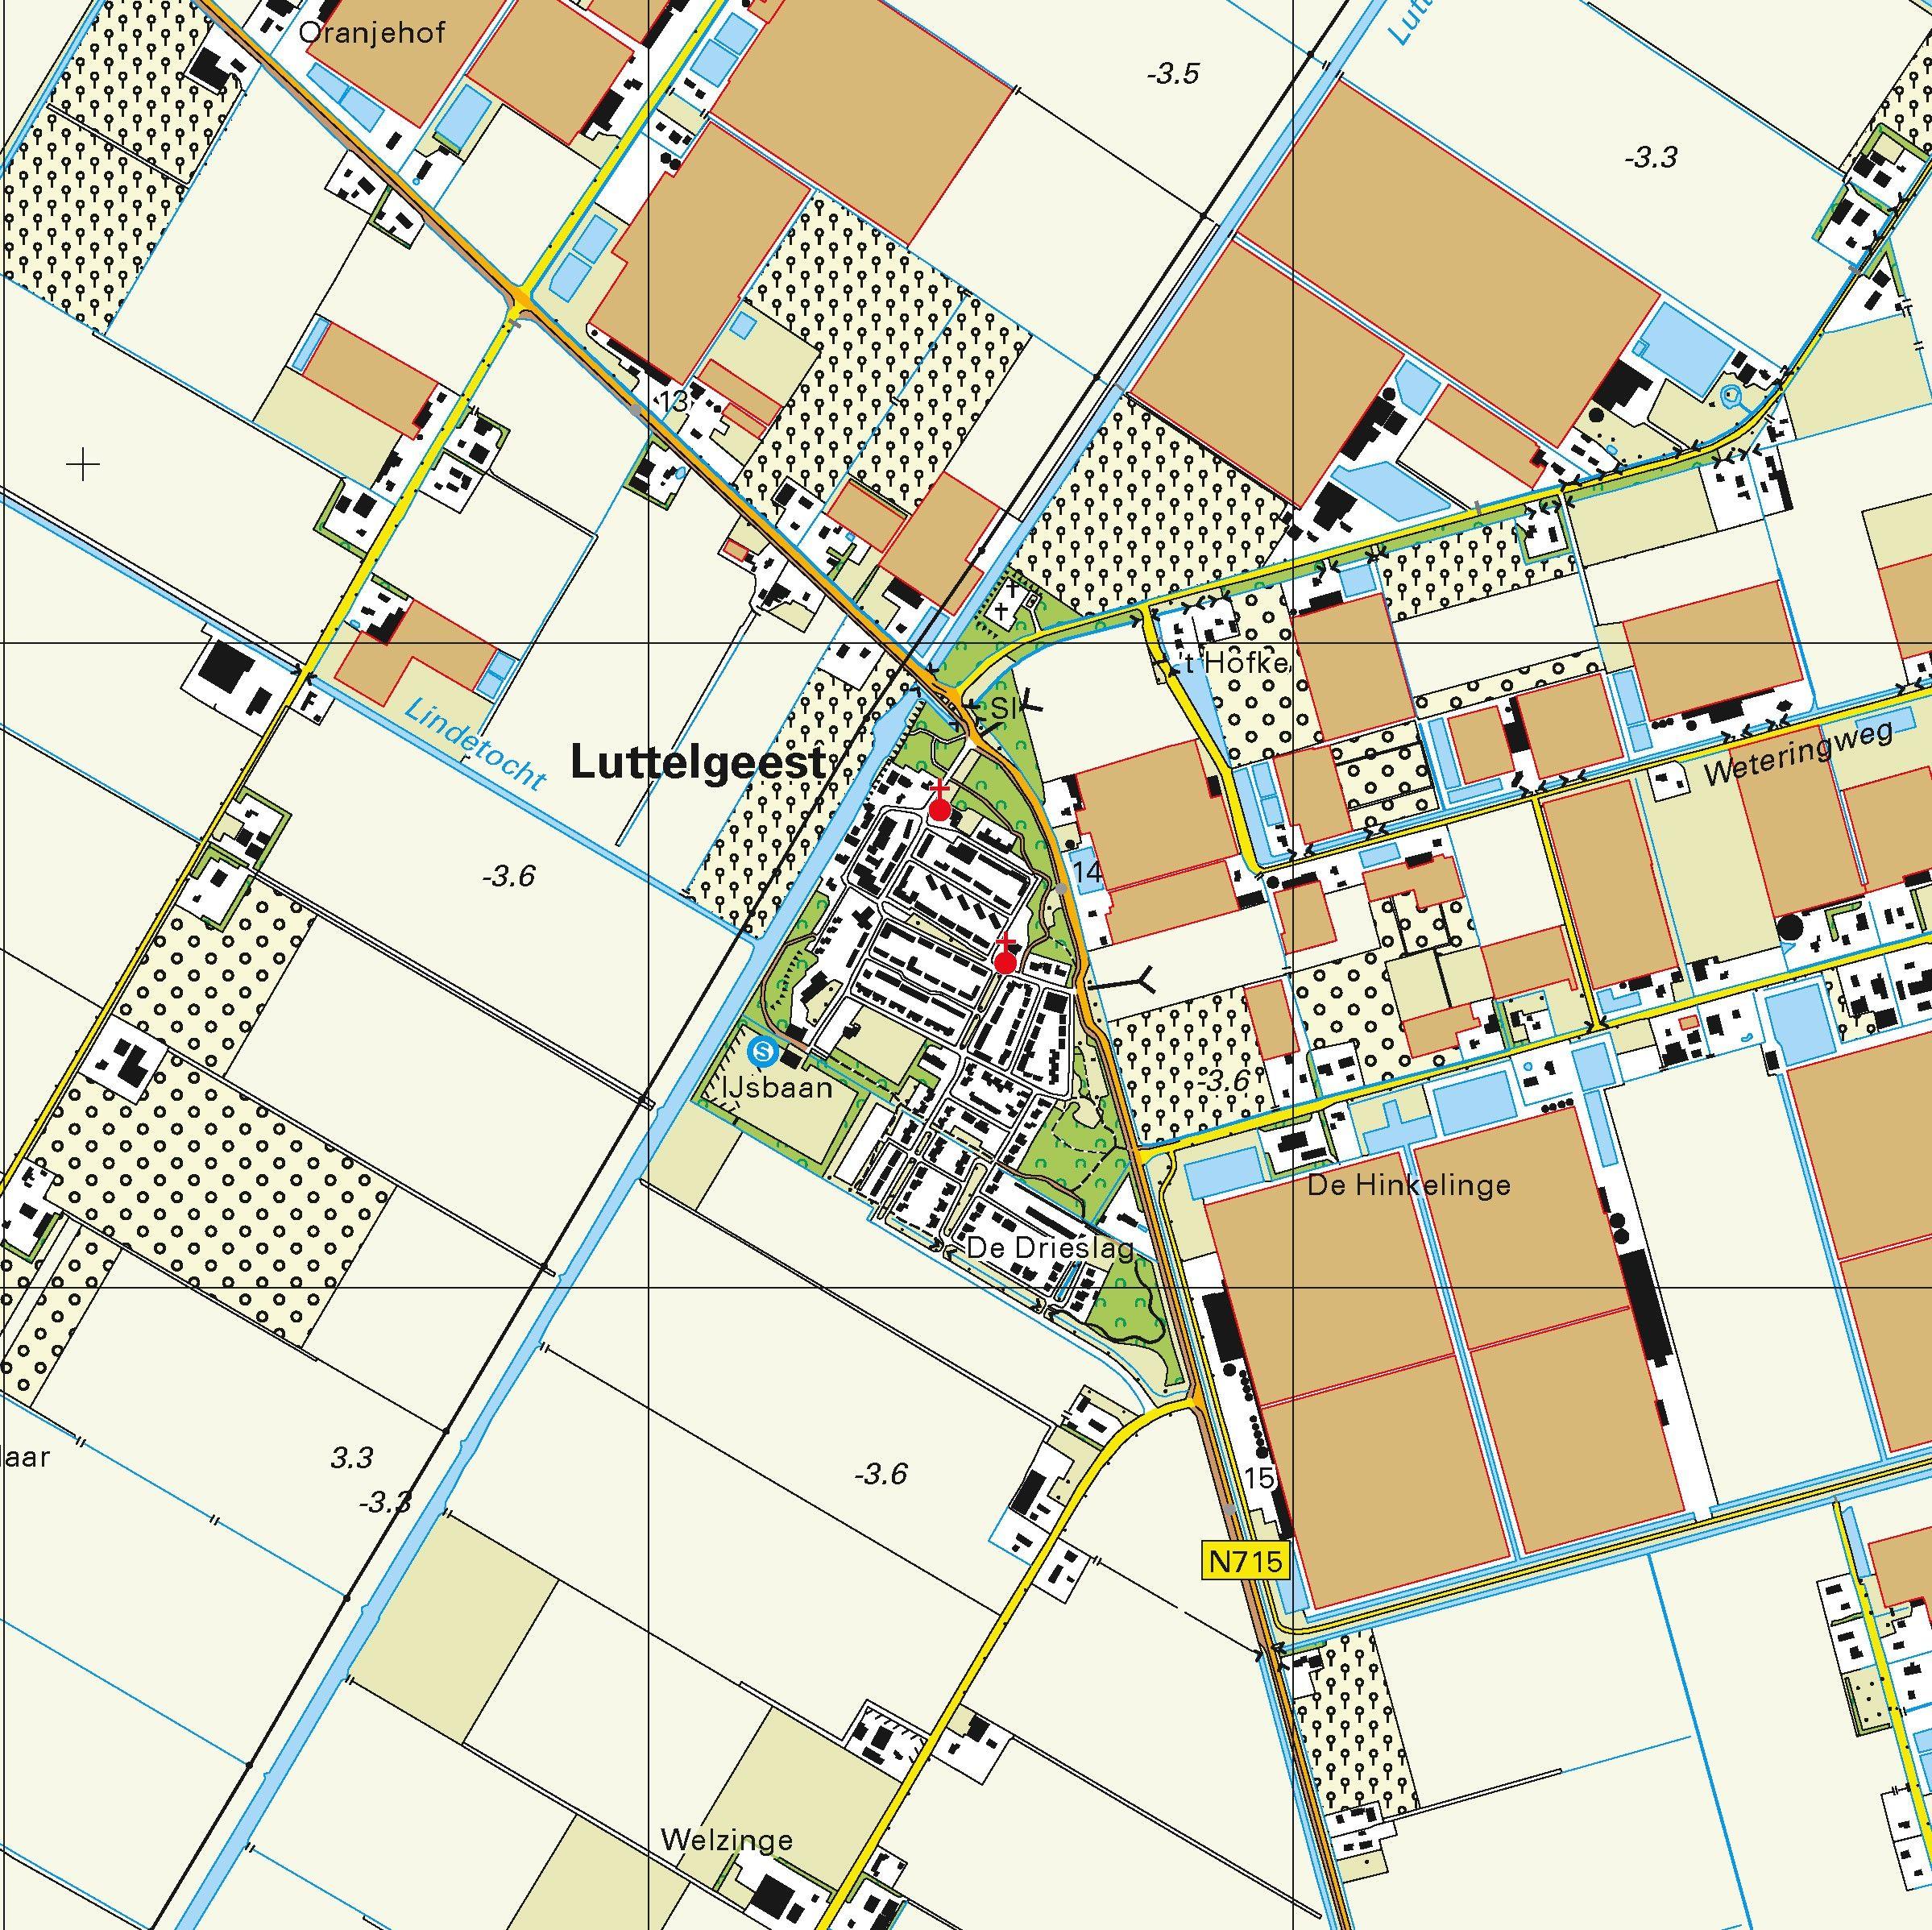 Topografische kaart schaal 1:25.000 (Emmeloord, Marknesse, Vollenhove, Genemuiden, Ens)